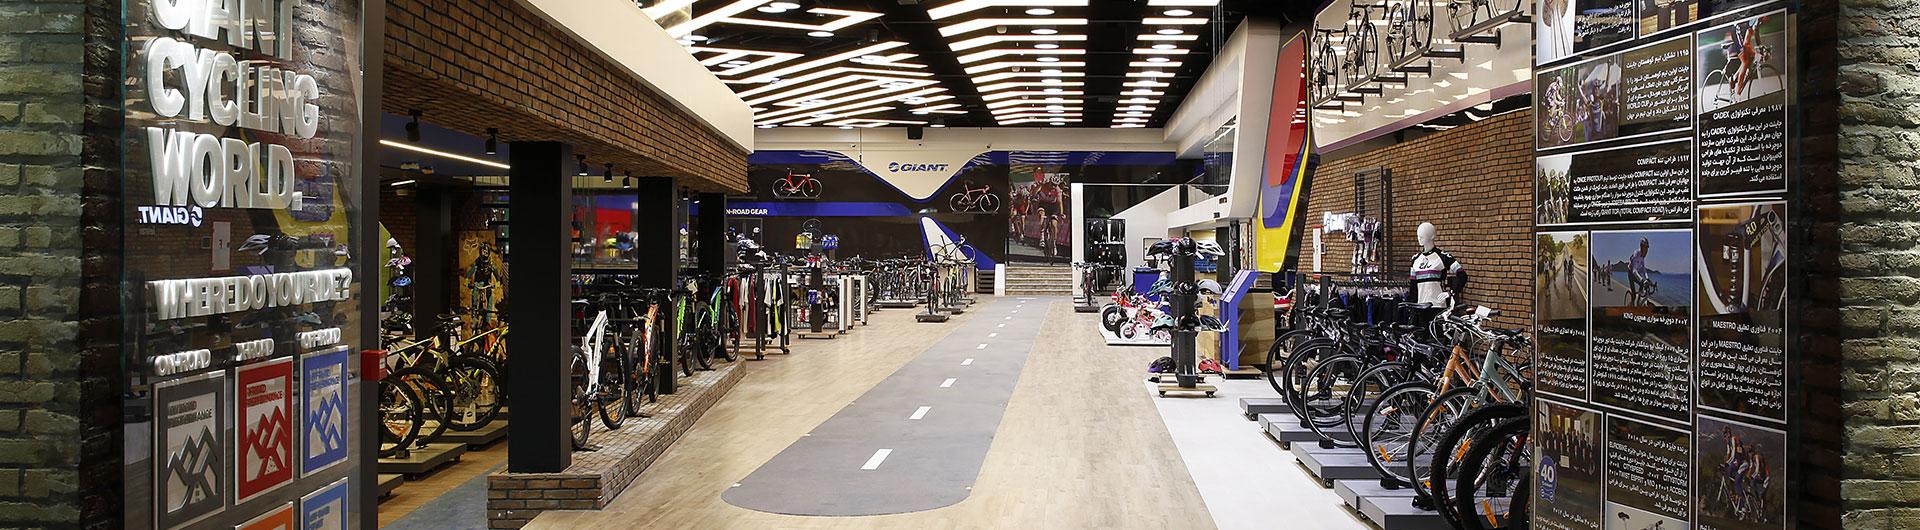 نمایشگاه-دوچرخه-و-لوازم-جاینت-تهران2